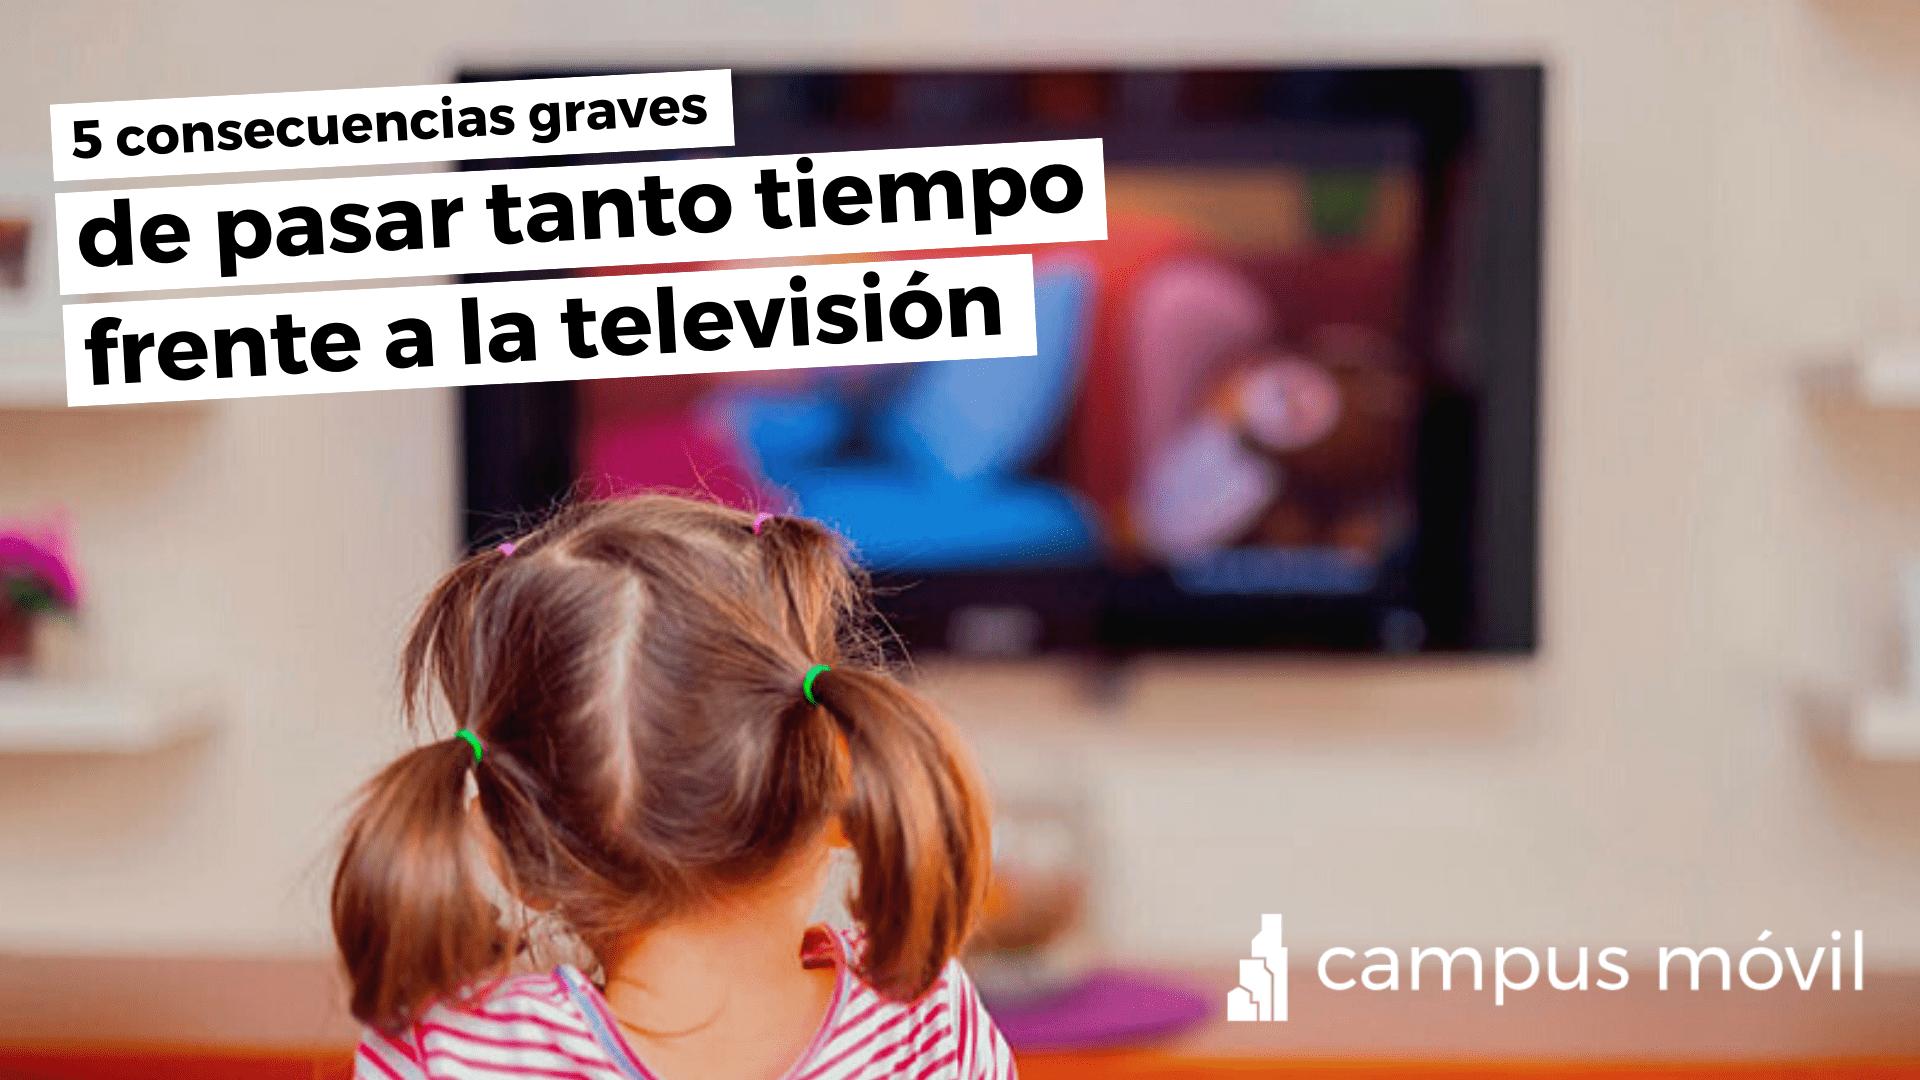 ¿Pasas mucho tiempo frente al televisor? Conoce algunas consecuencias